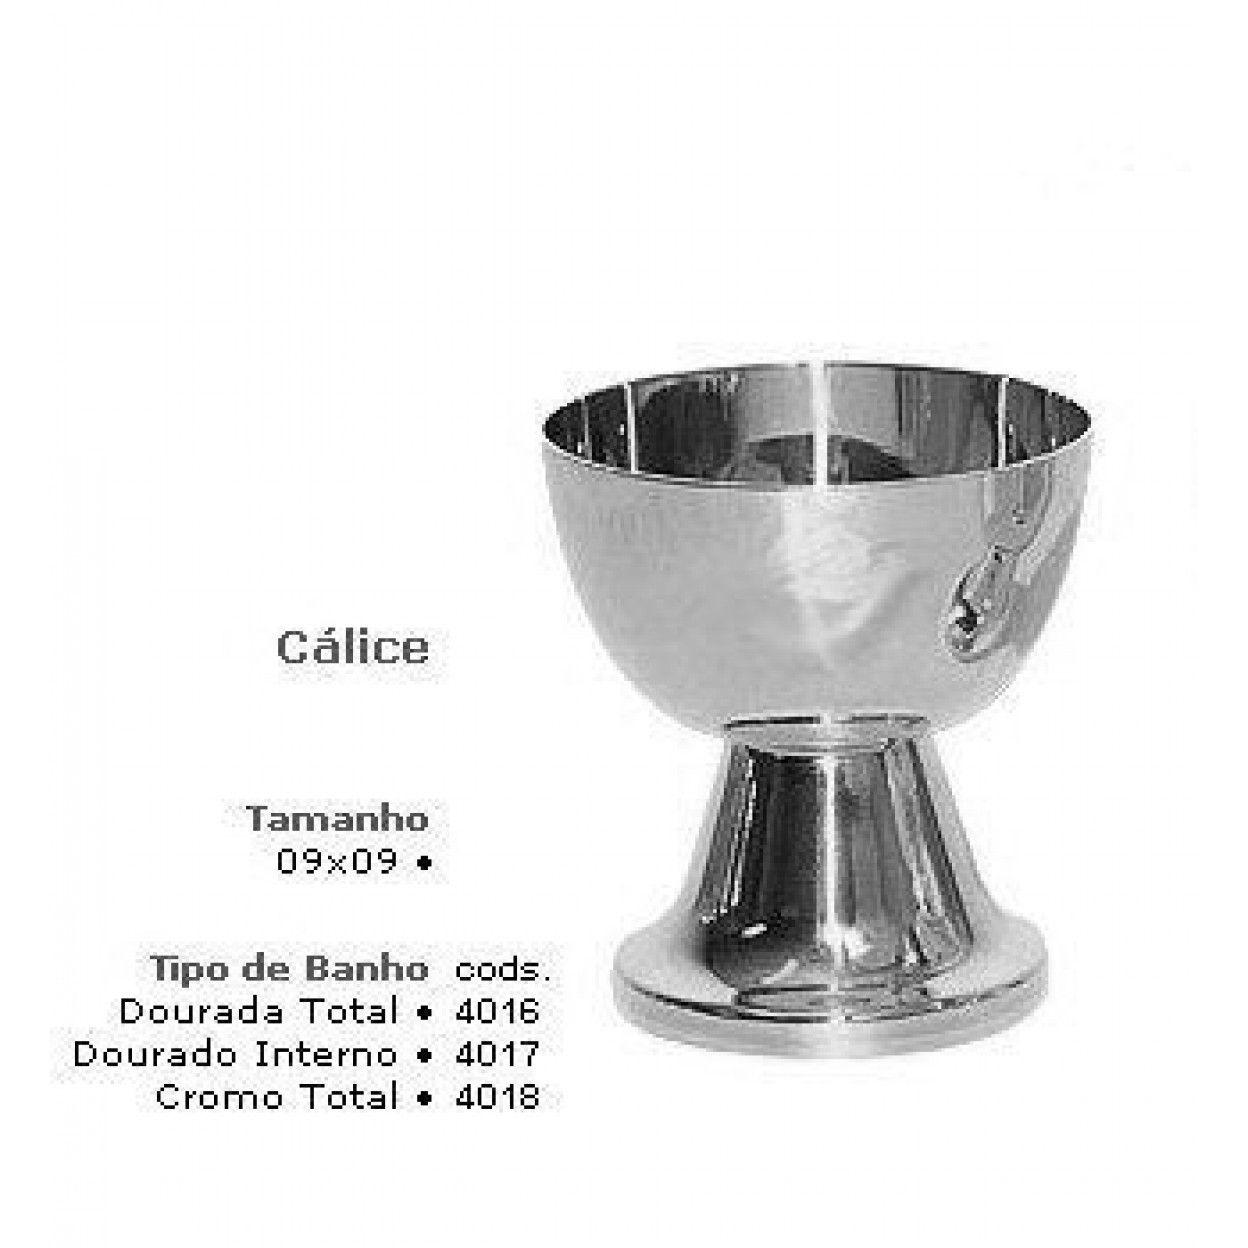 CÁLICE PEQUENO 4017 DOURADO INTERNO